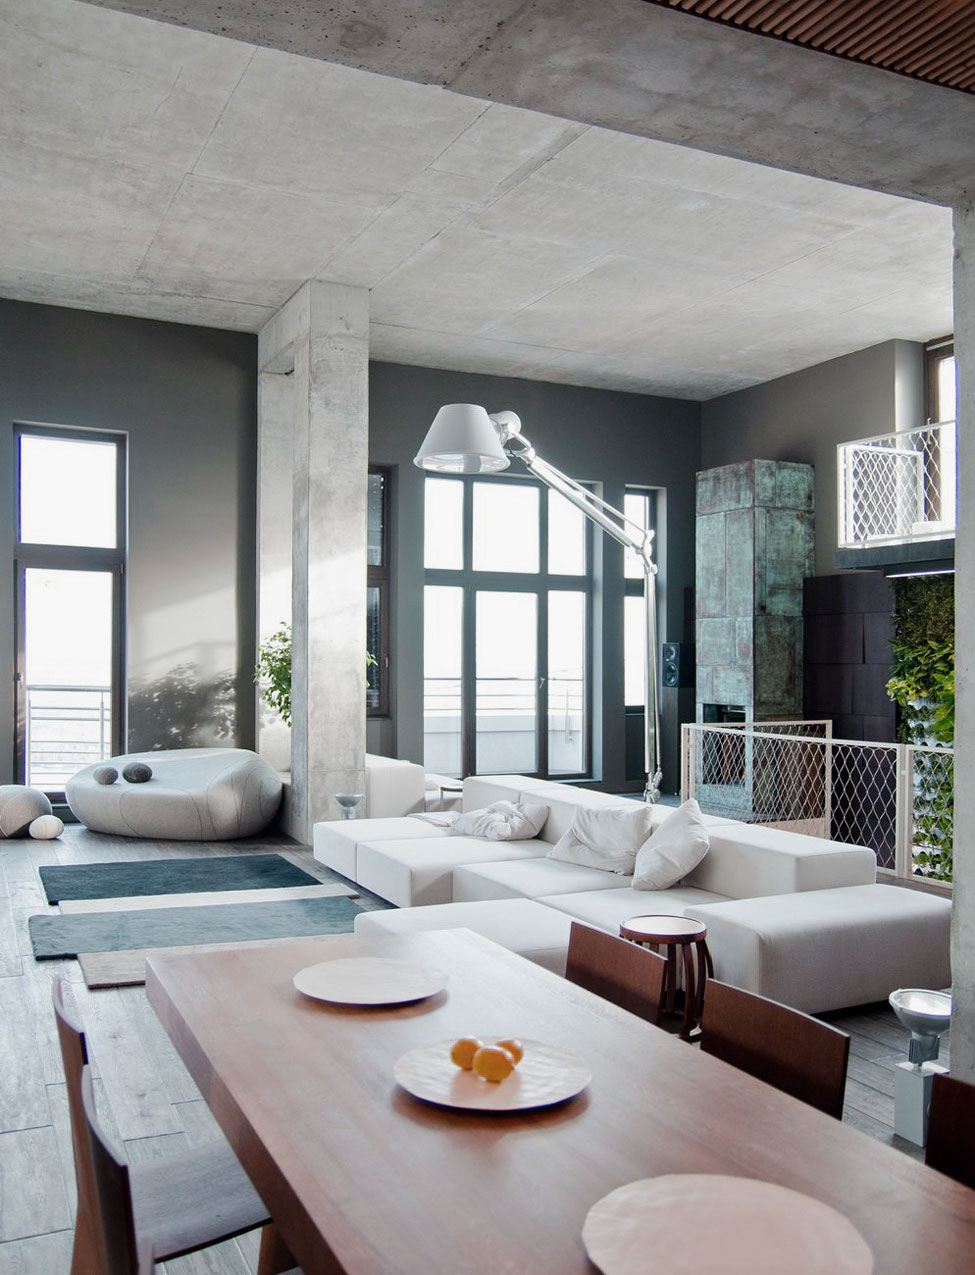 Open Plan Living Dining Room Ideas - Interior Design Ideas